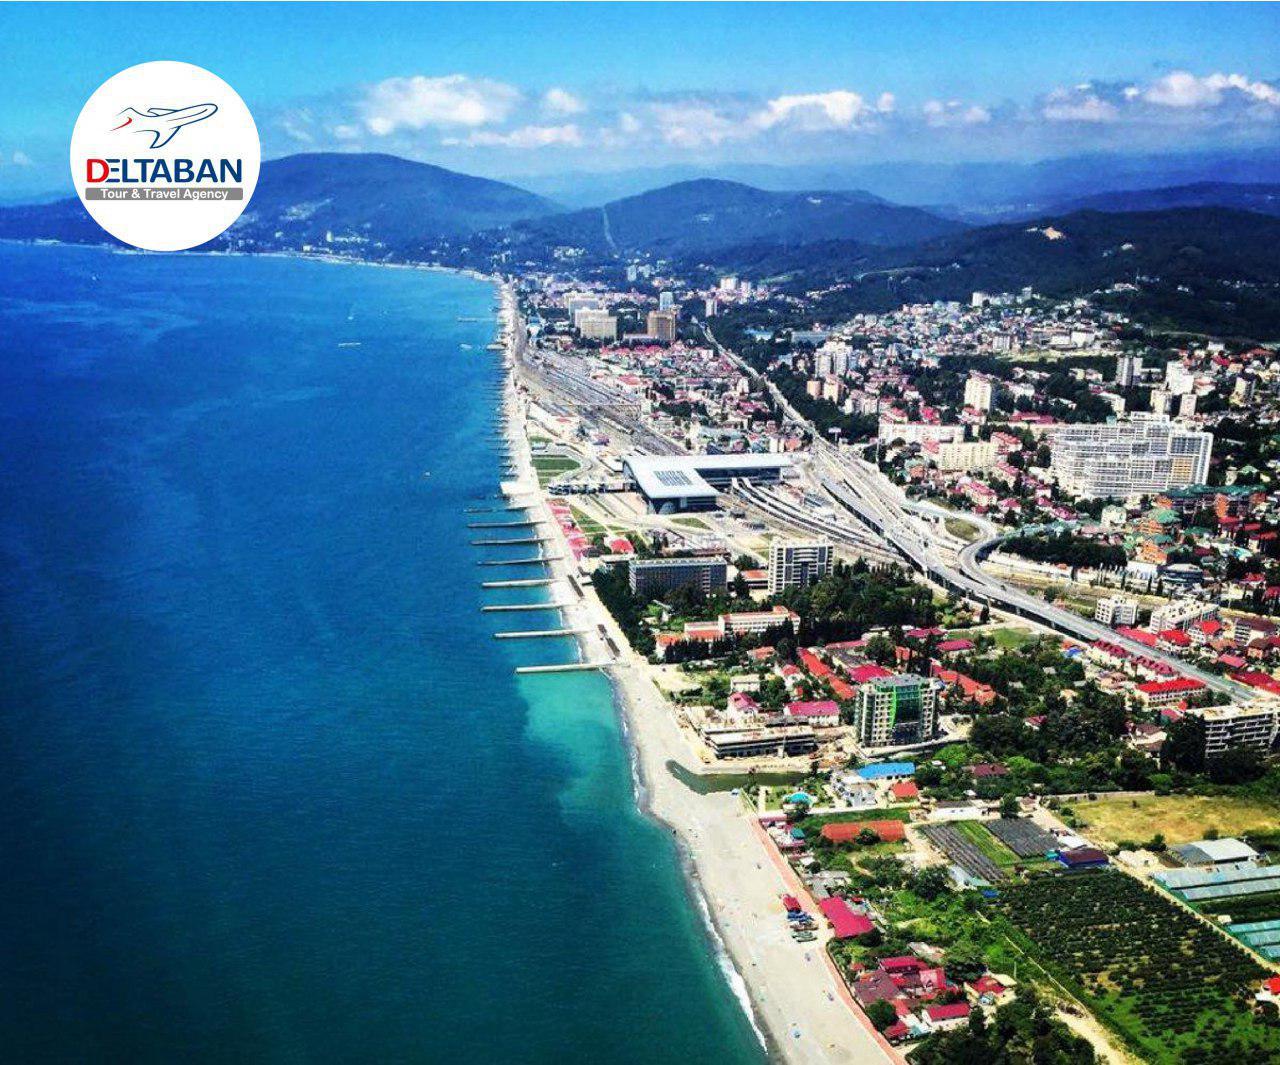 مقایسه شهر سوچی با ترکیه (قسمت دوم)